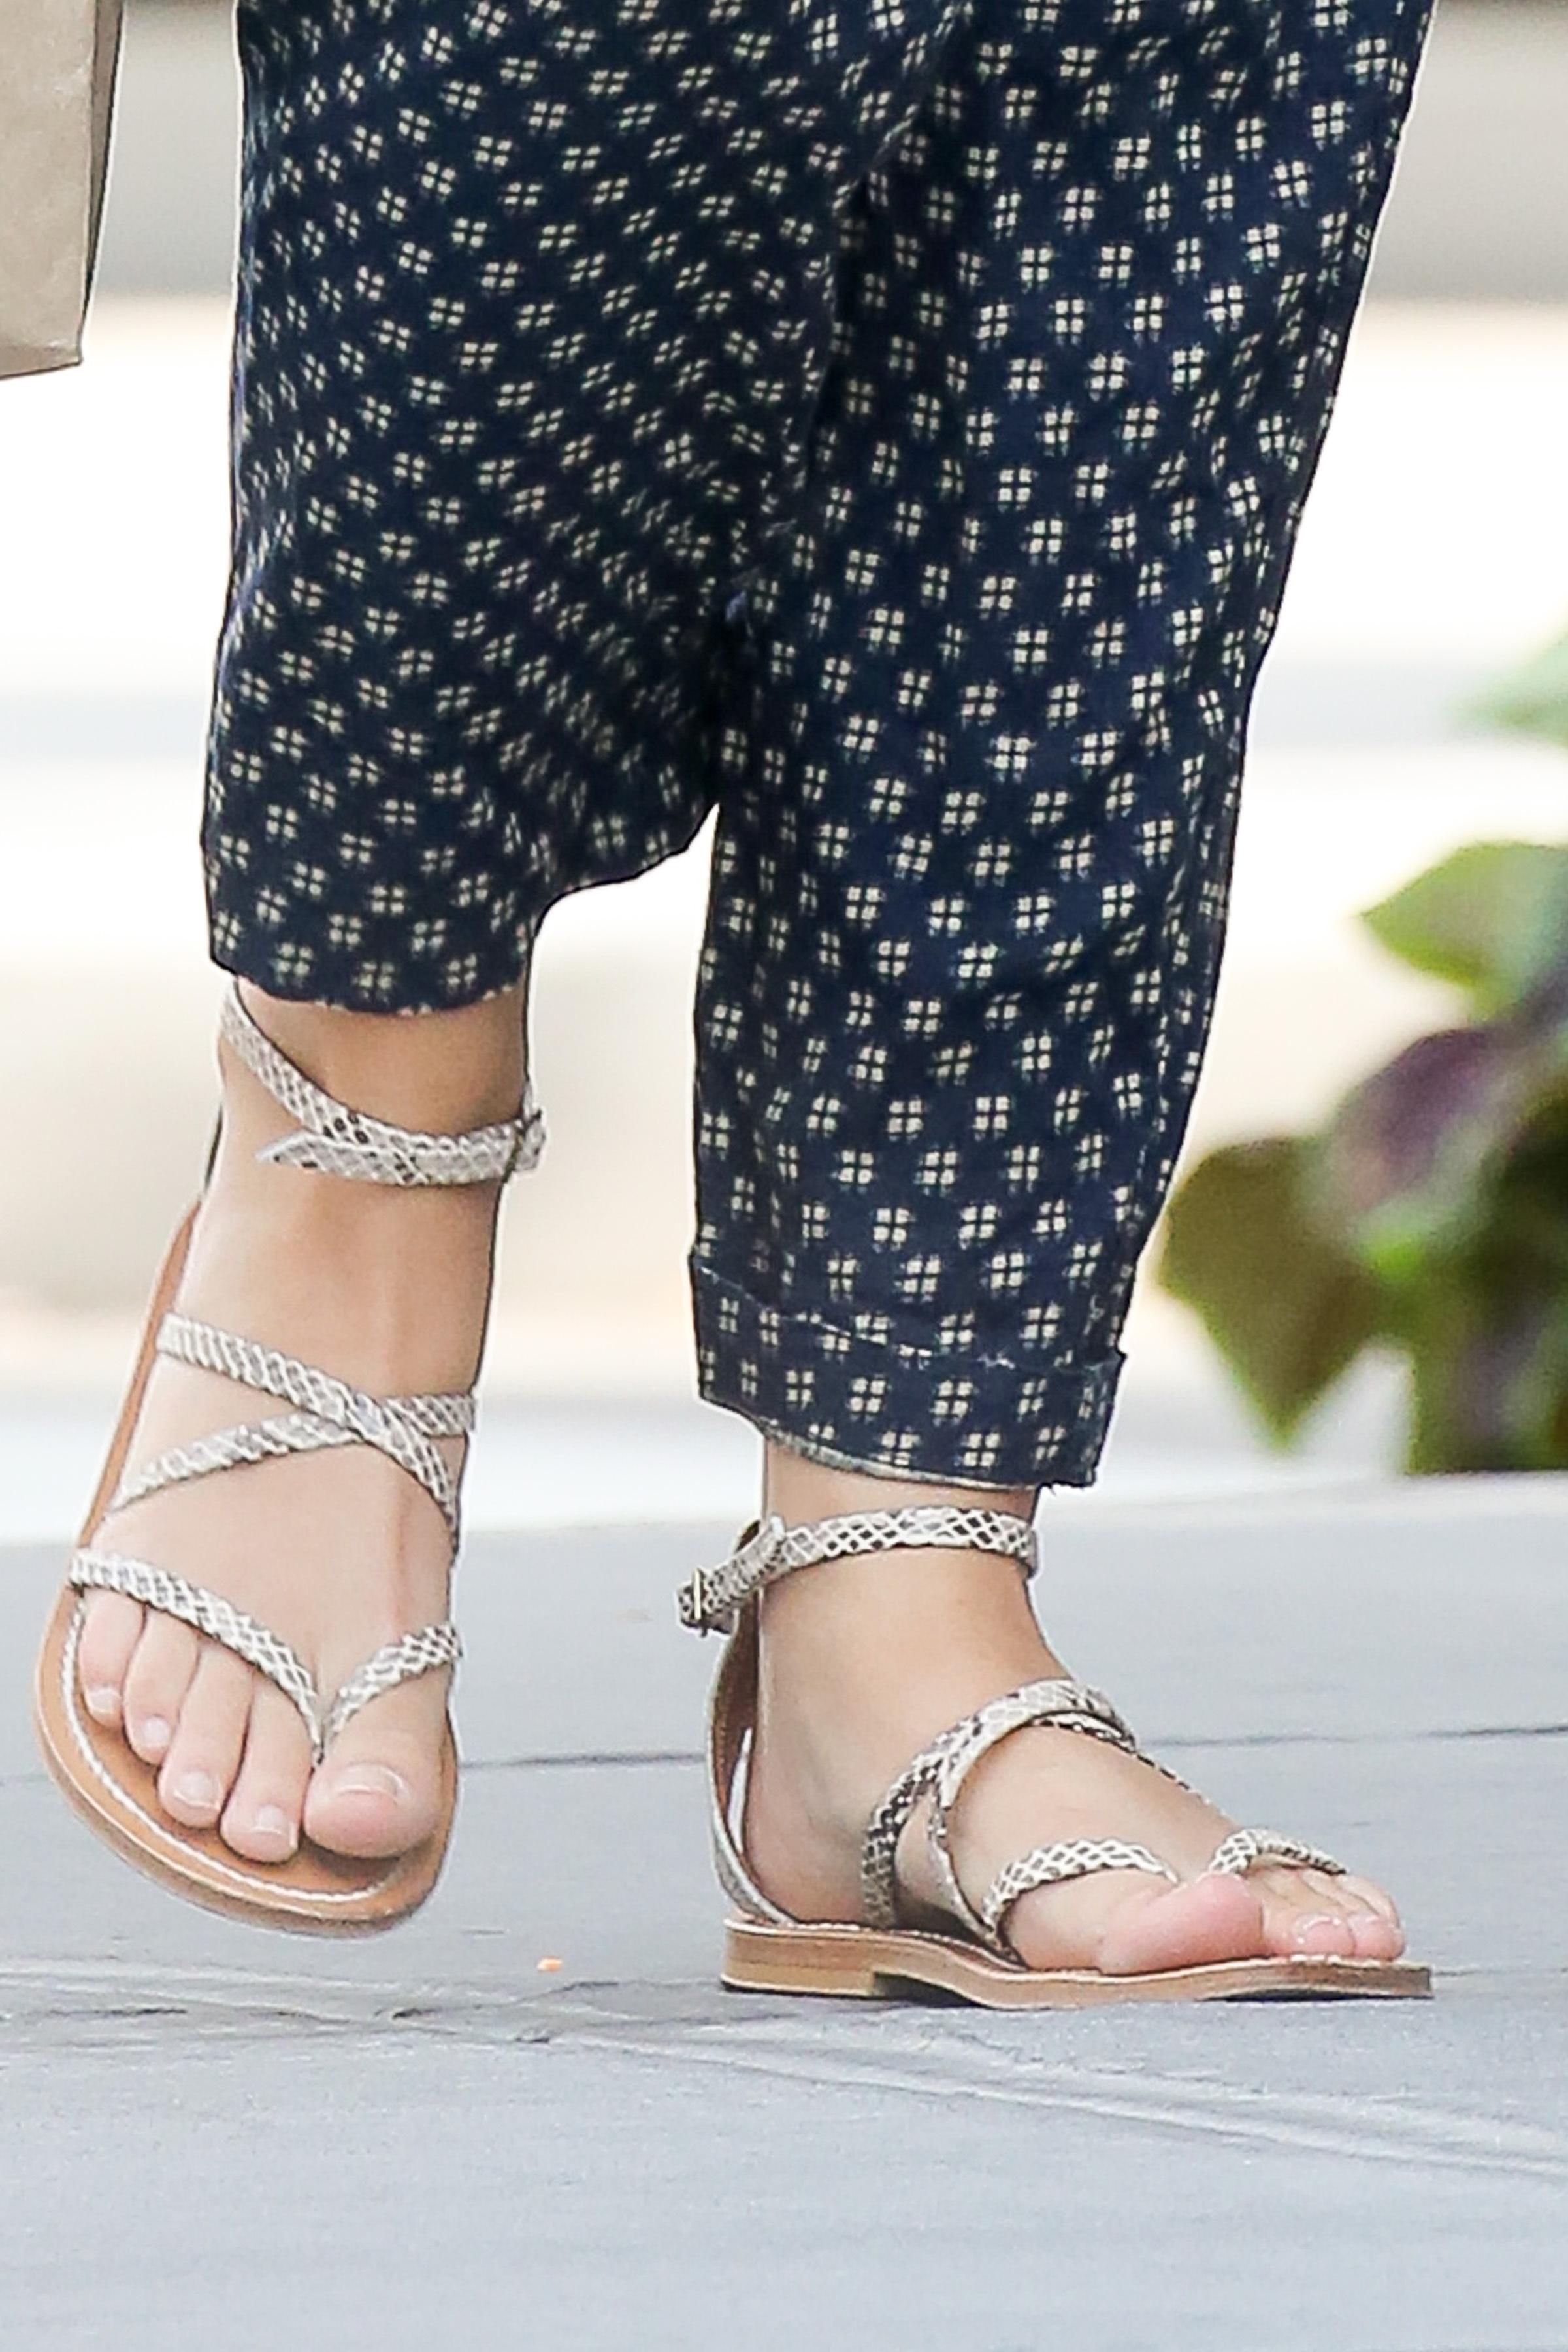 Rose Byrnes Feet